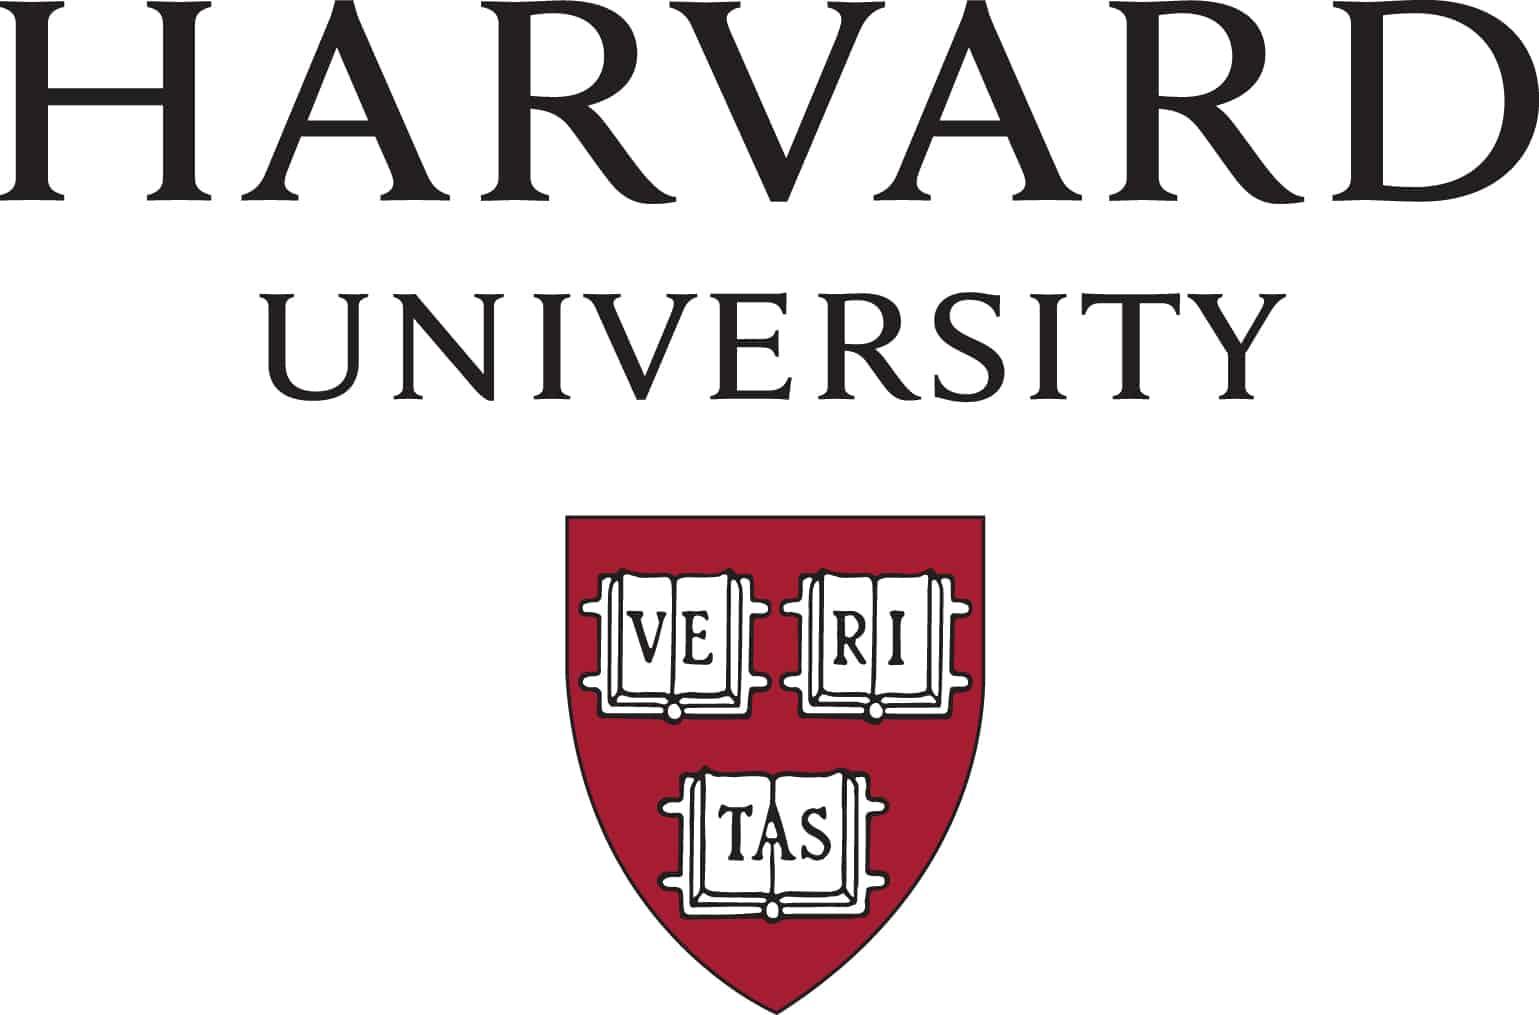 Harvard expulsa 10 alunos por publicação de